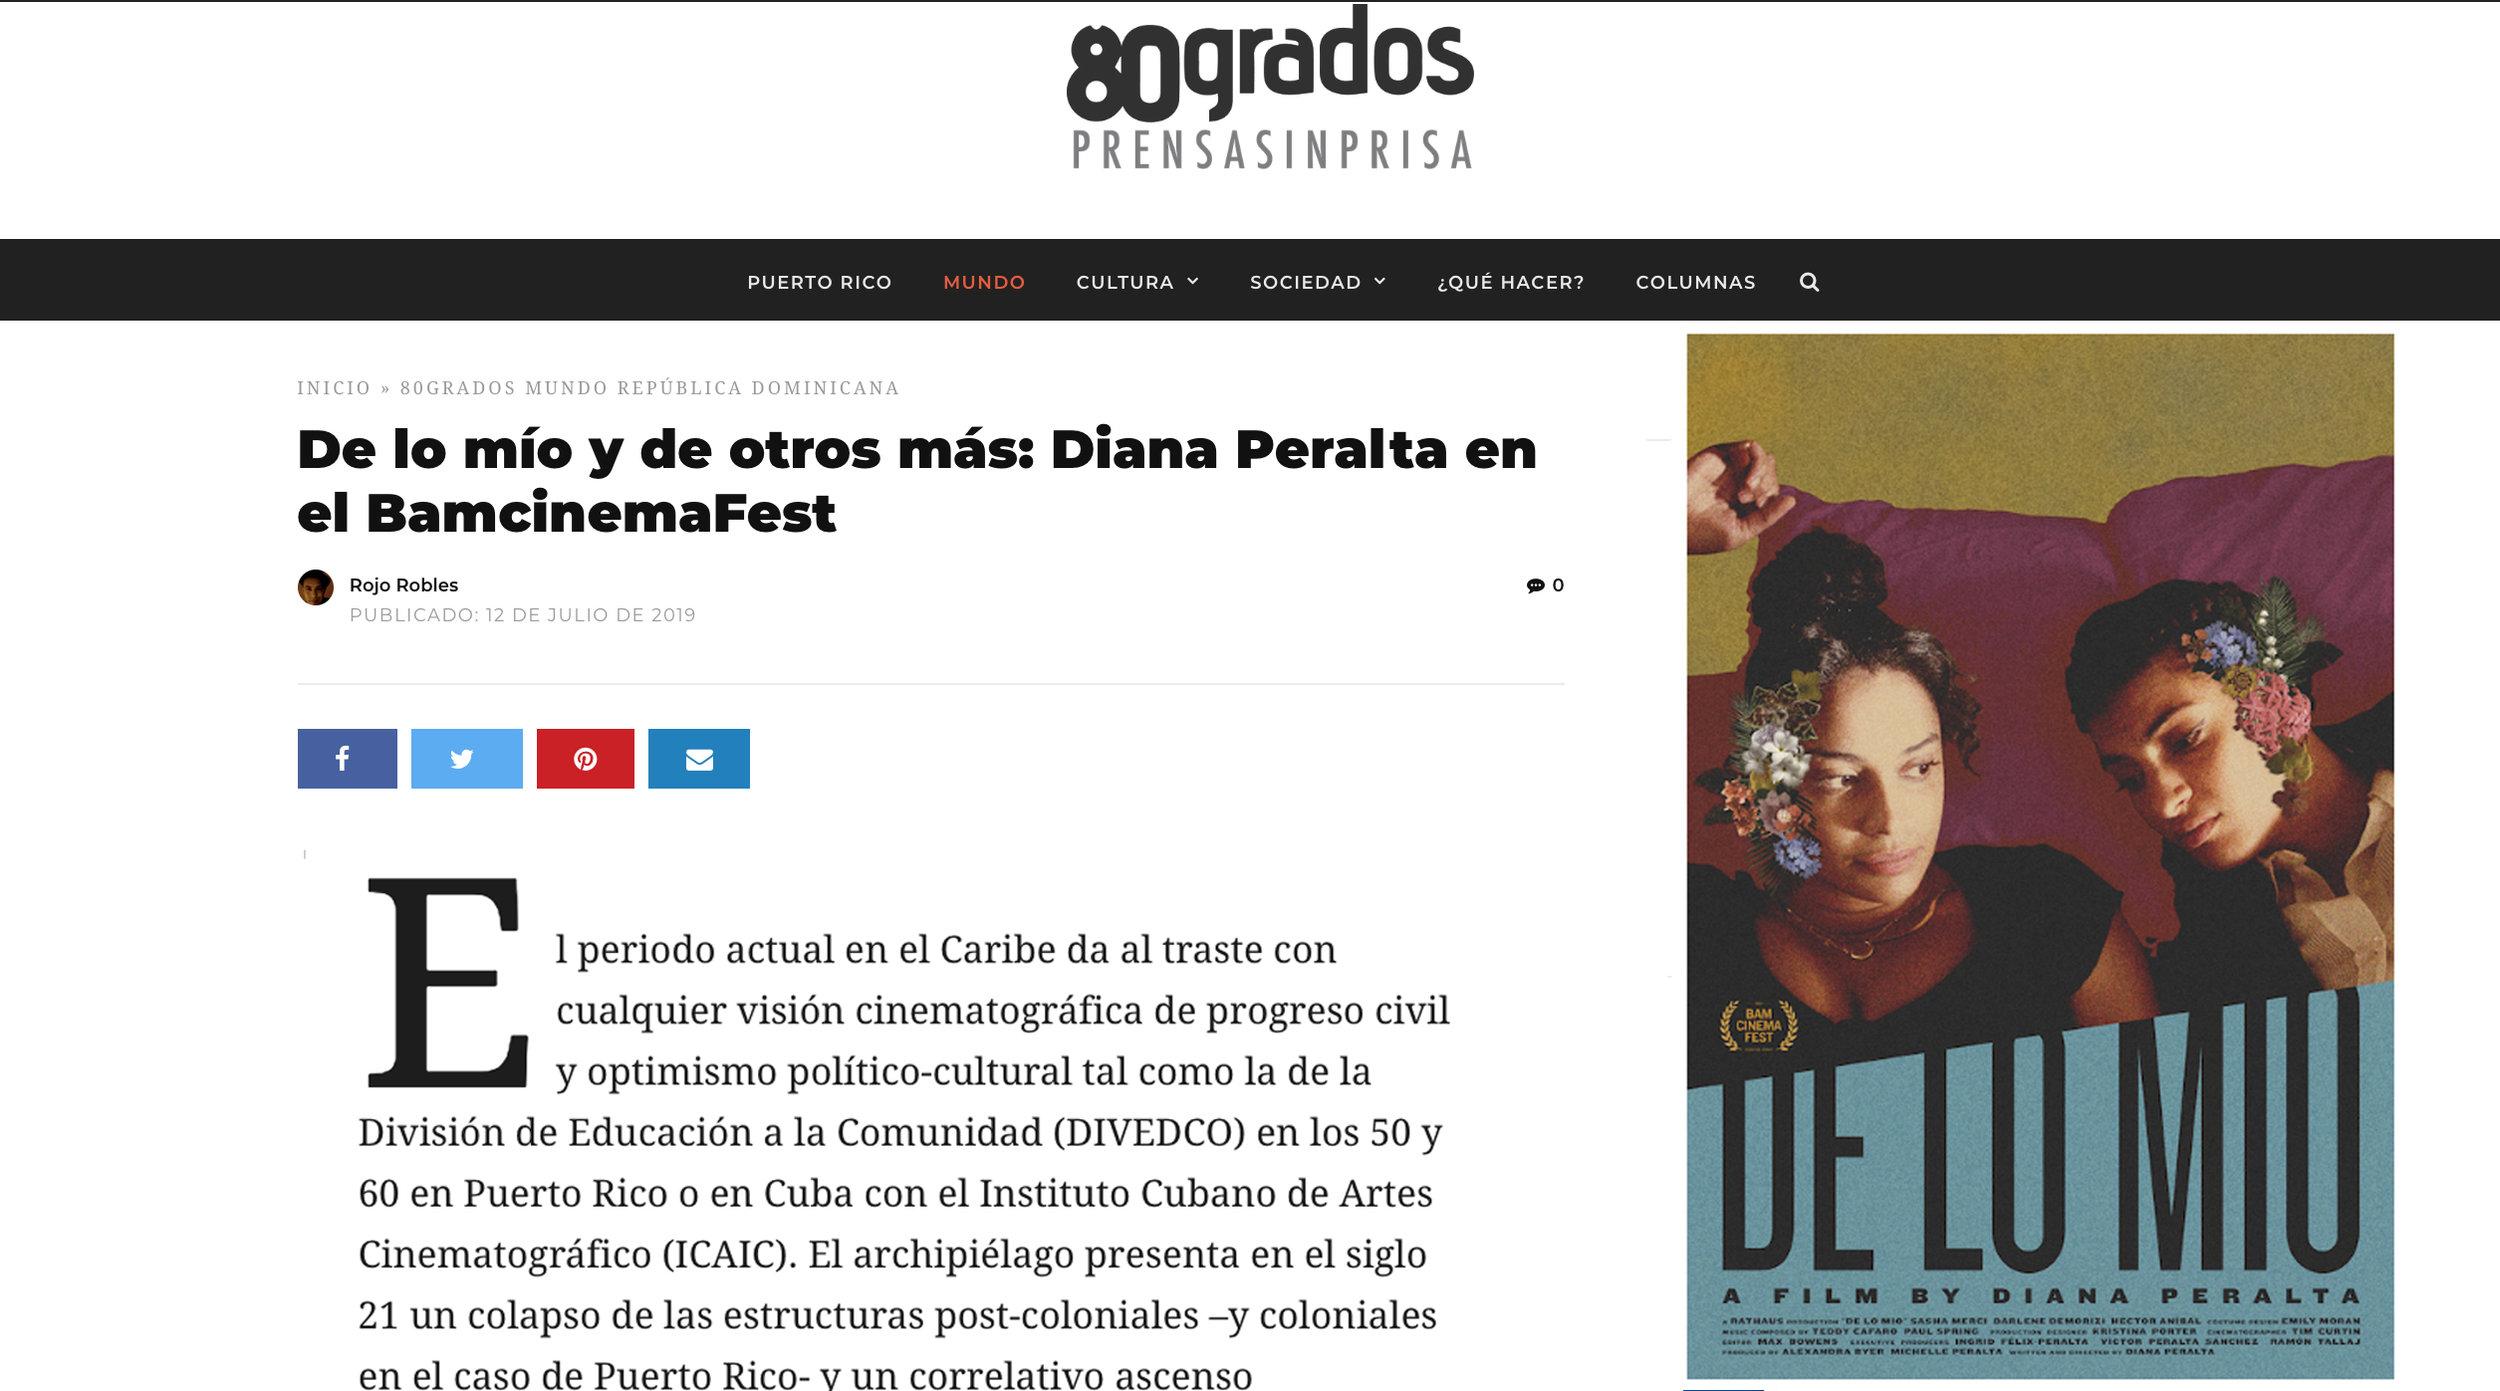 80 GRADOS // Review of DE LO MIO